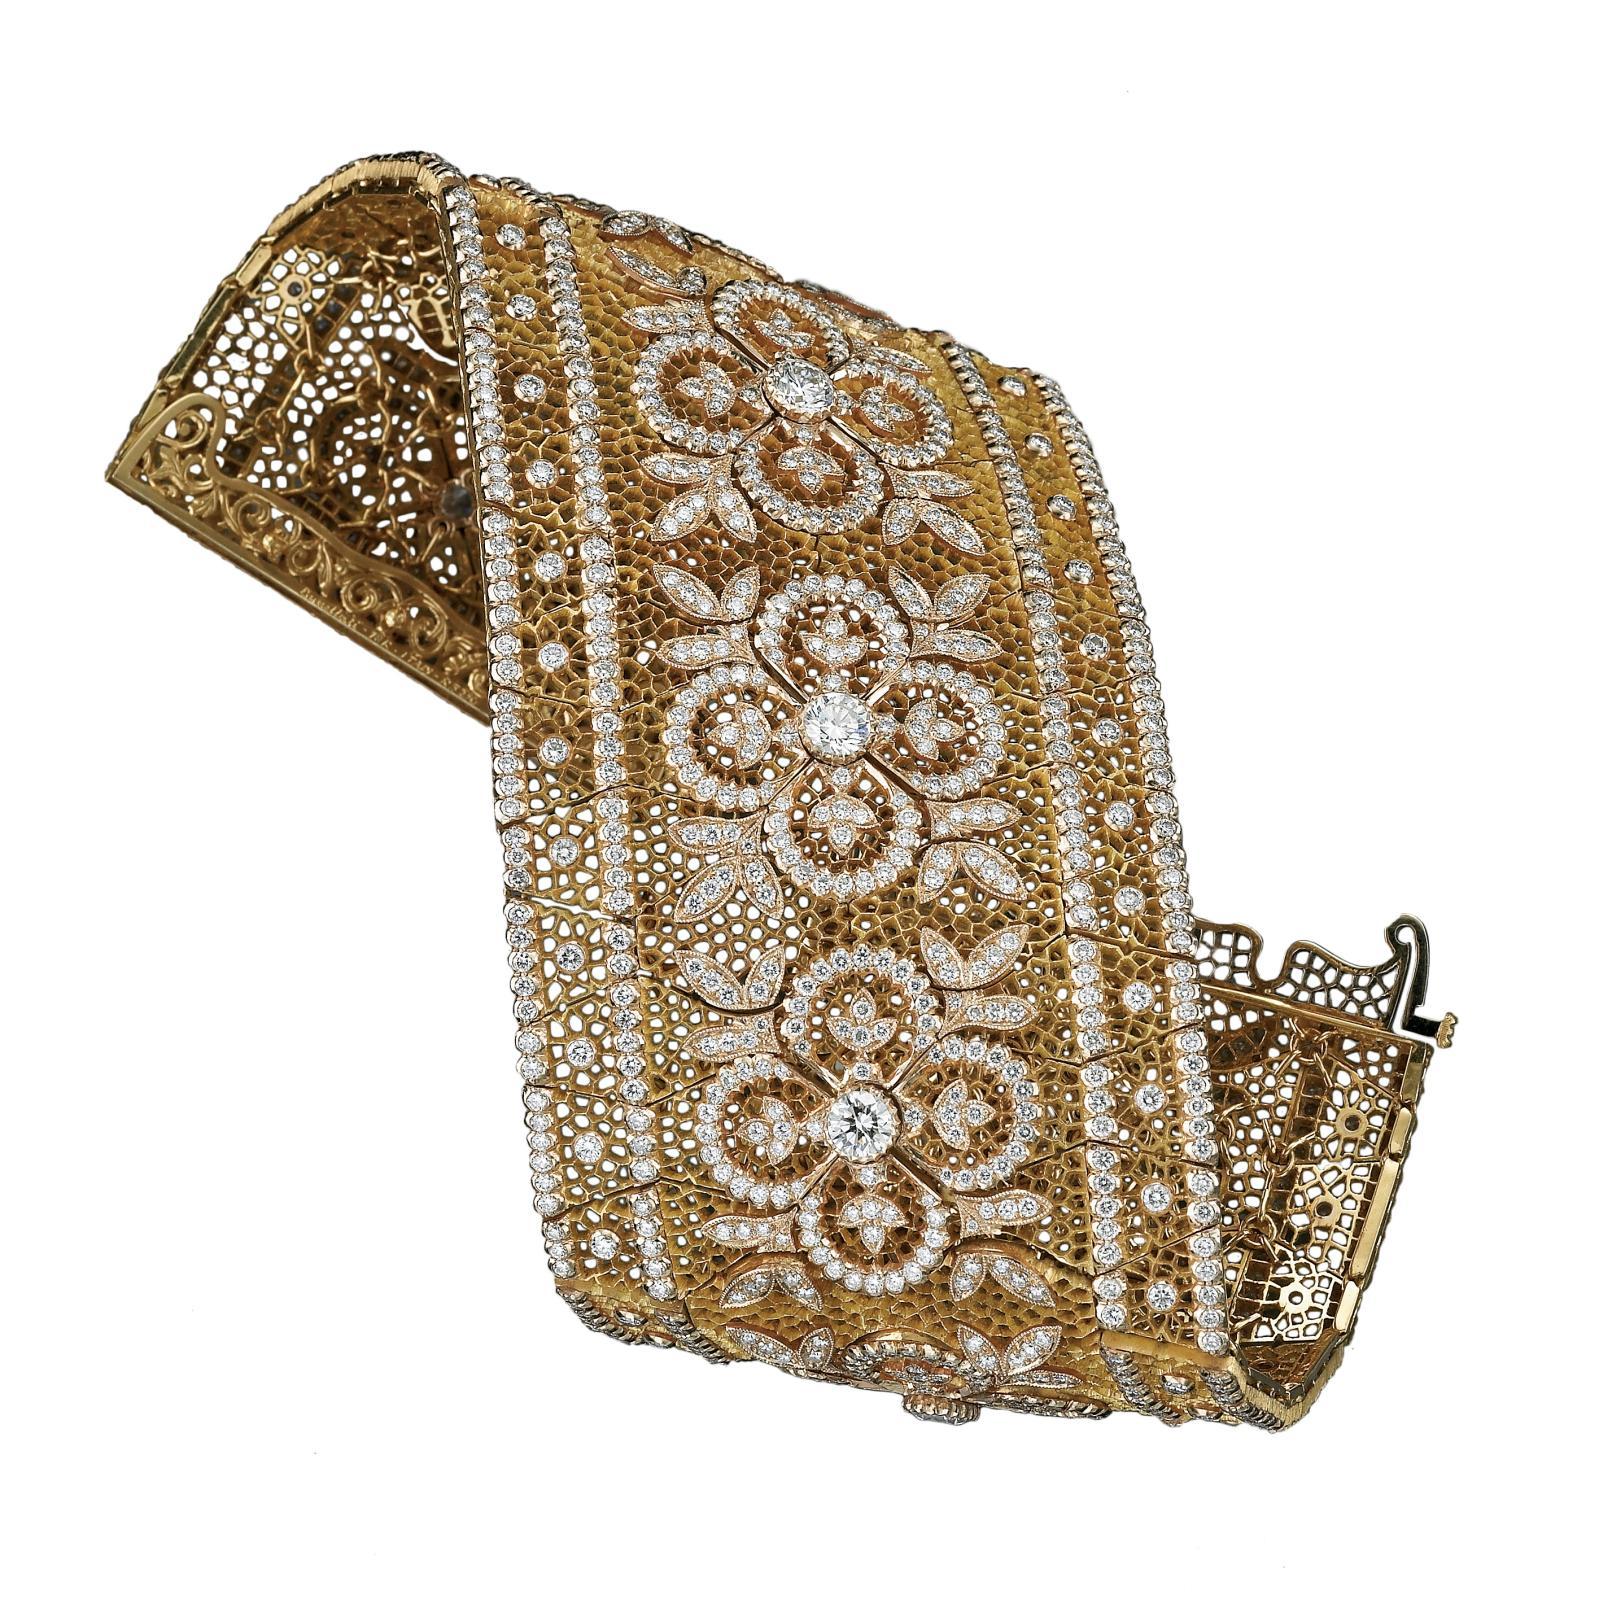 Créé dans les années 1930 par Mario Buccellati, ce bracelet s'inspire du palais ducal de Venise et reproduit les motifs qui ornent sa façade.